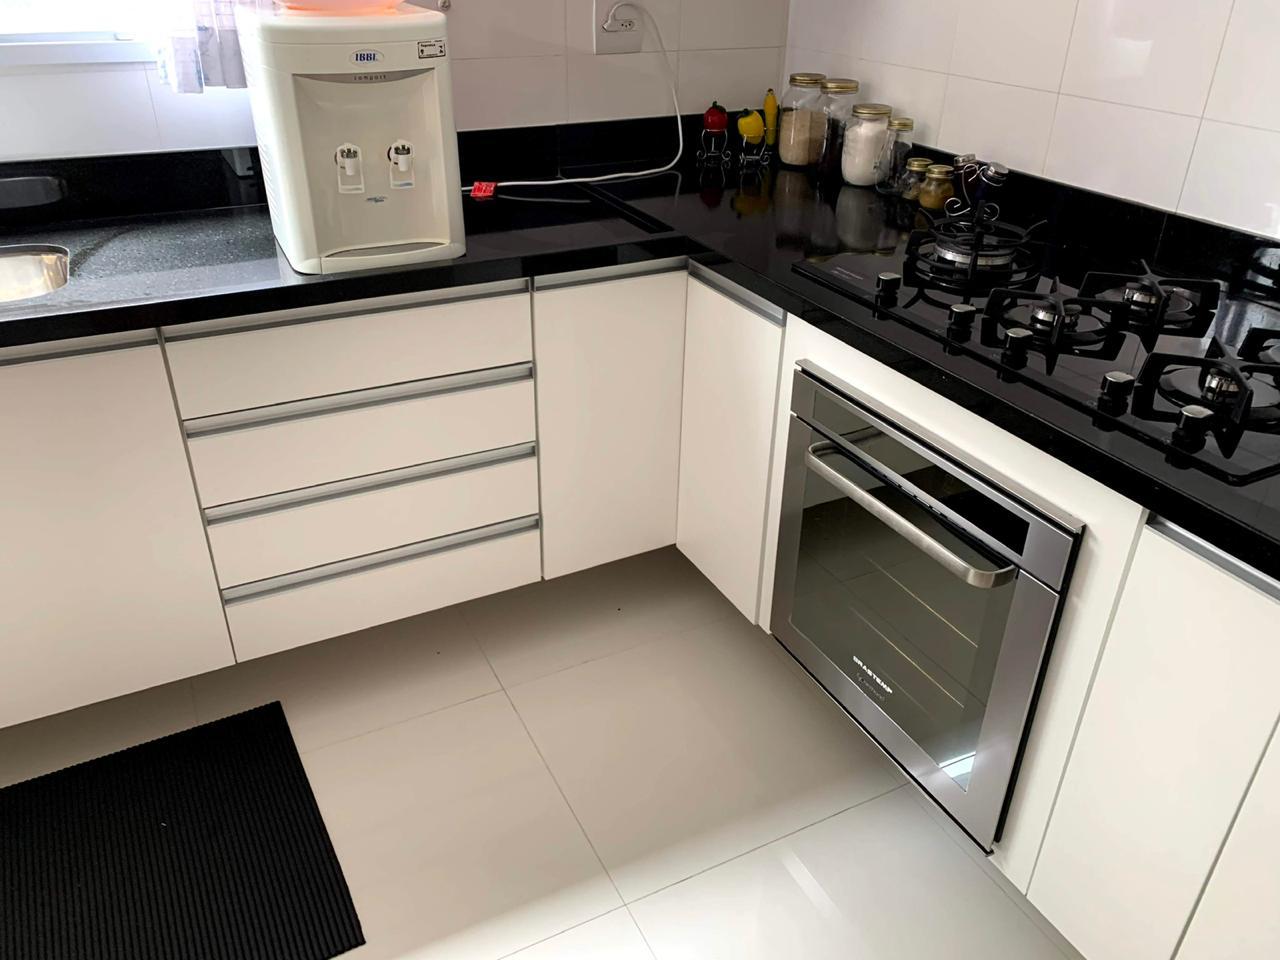 Excelente semi novo apartamento com 160m, uma quadra da Praia, Duas vagas de garagem, 3 suítes - foto 5